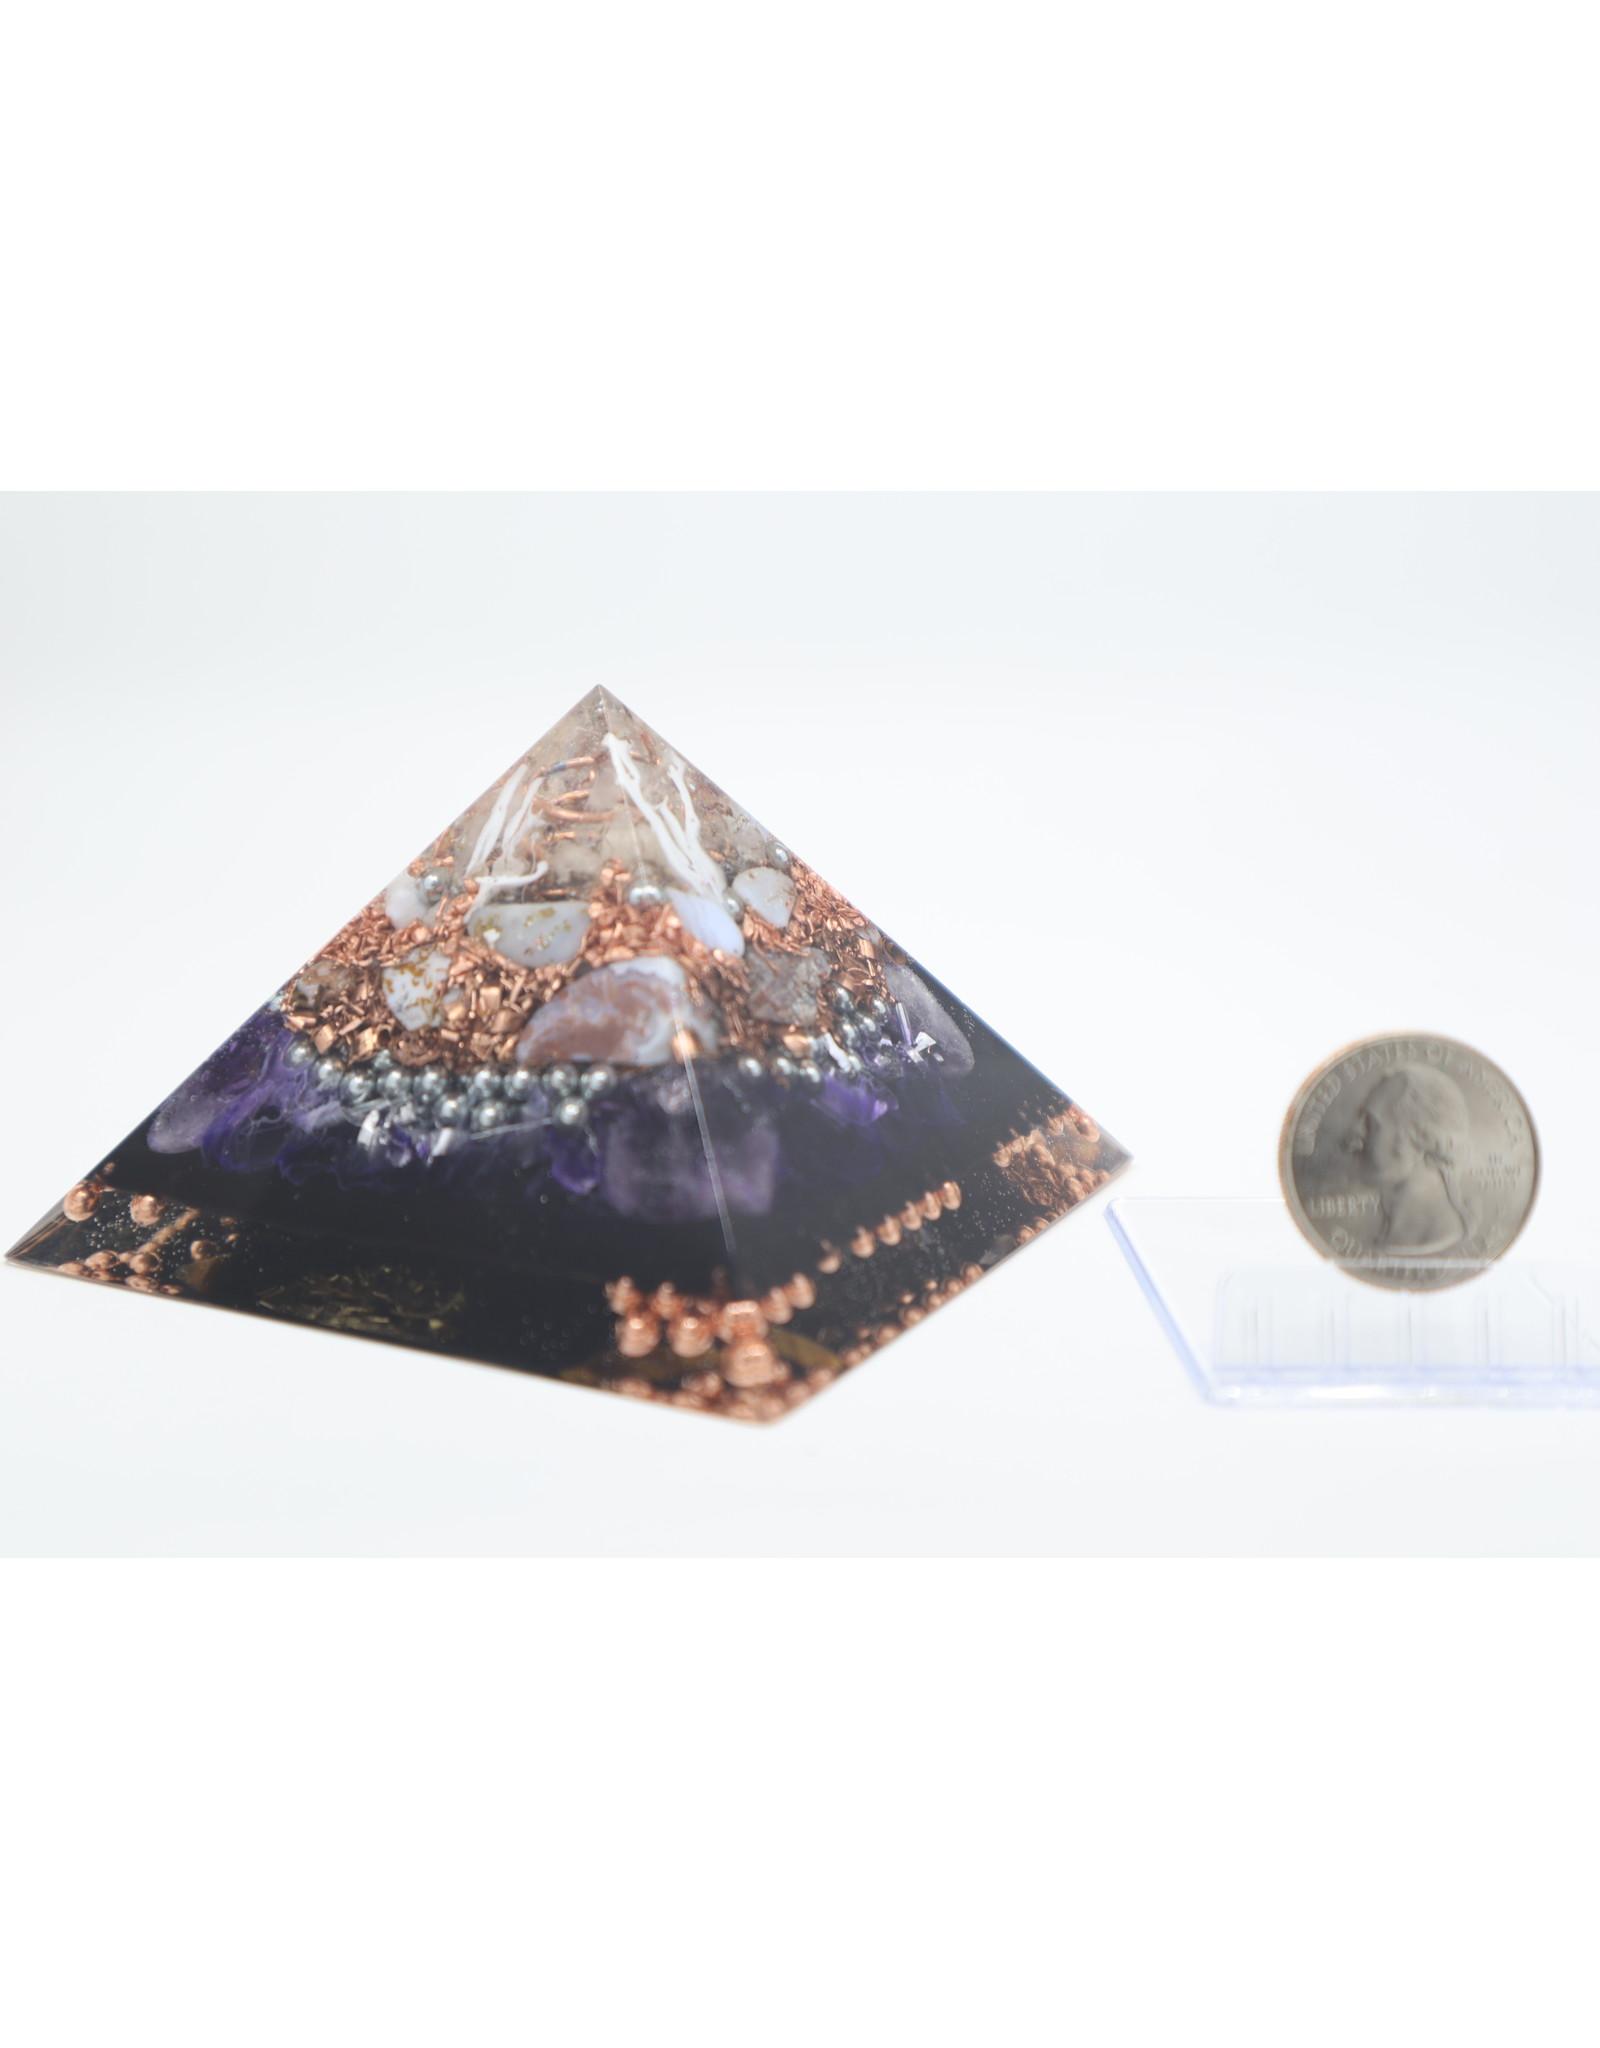 Amethyst & Copper Pyramid